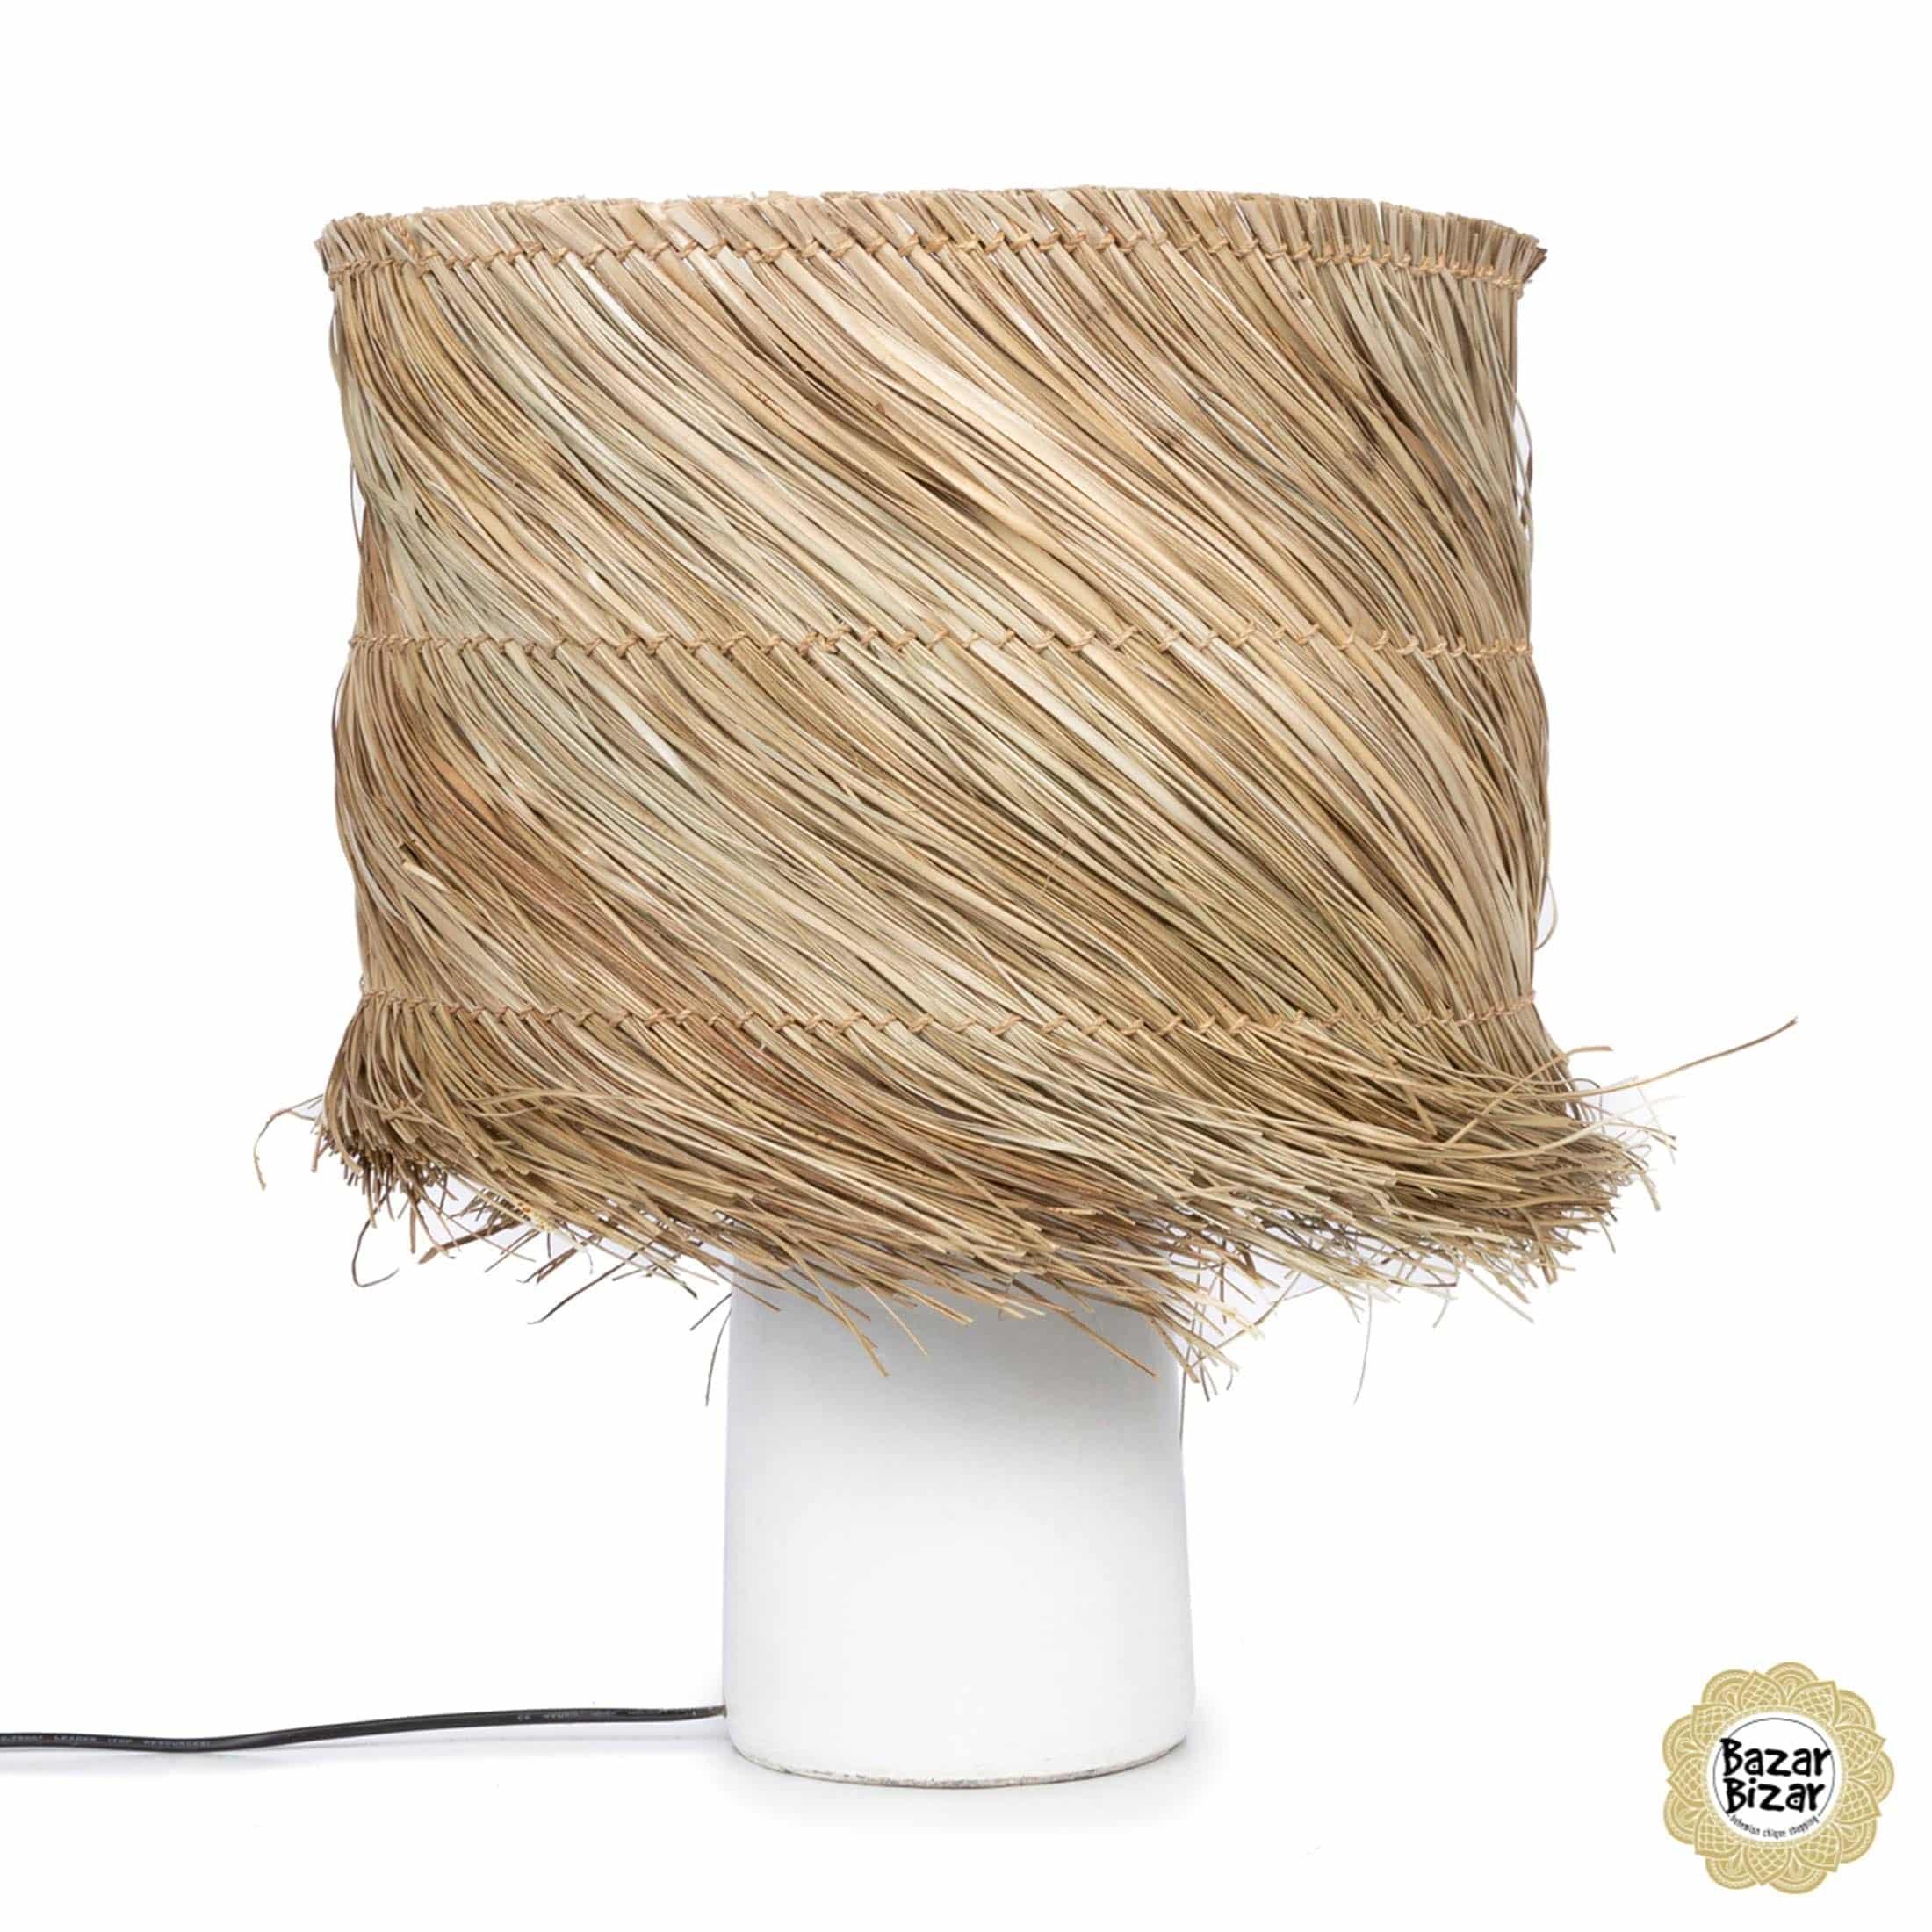 Lampe im maritimen Stil für das Schlafzimmer von der Marke Bazar Bizar. Die Tischlampe aus Gras und Terracotta gibt es in Weiß & Schwarz im Shop